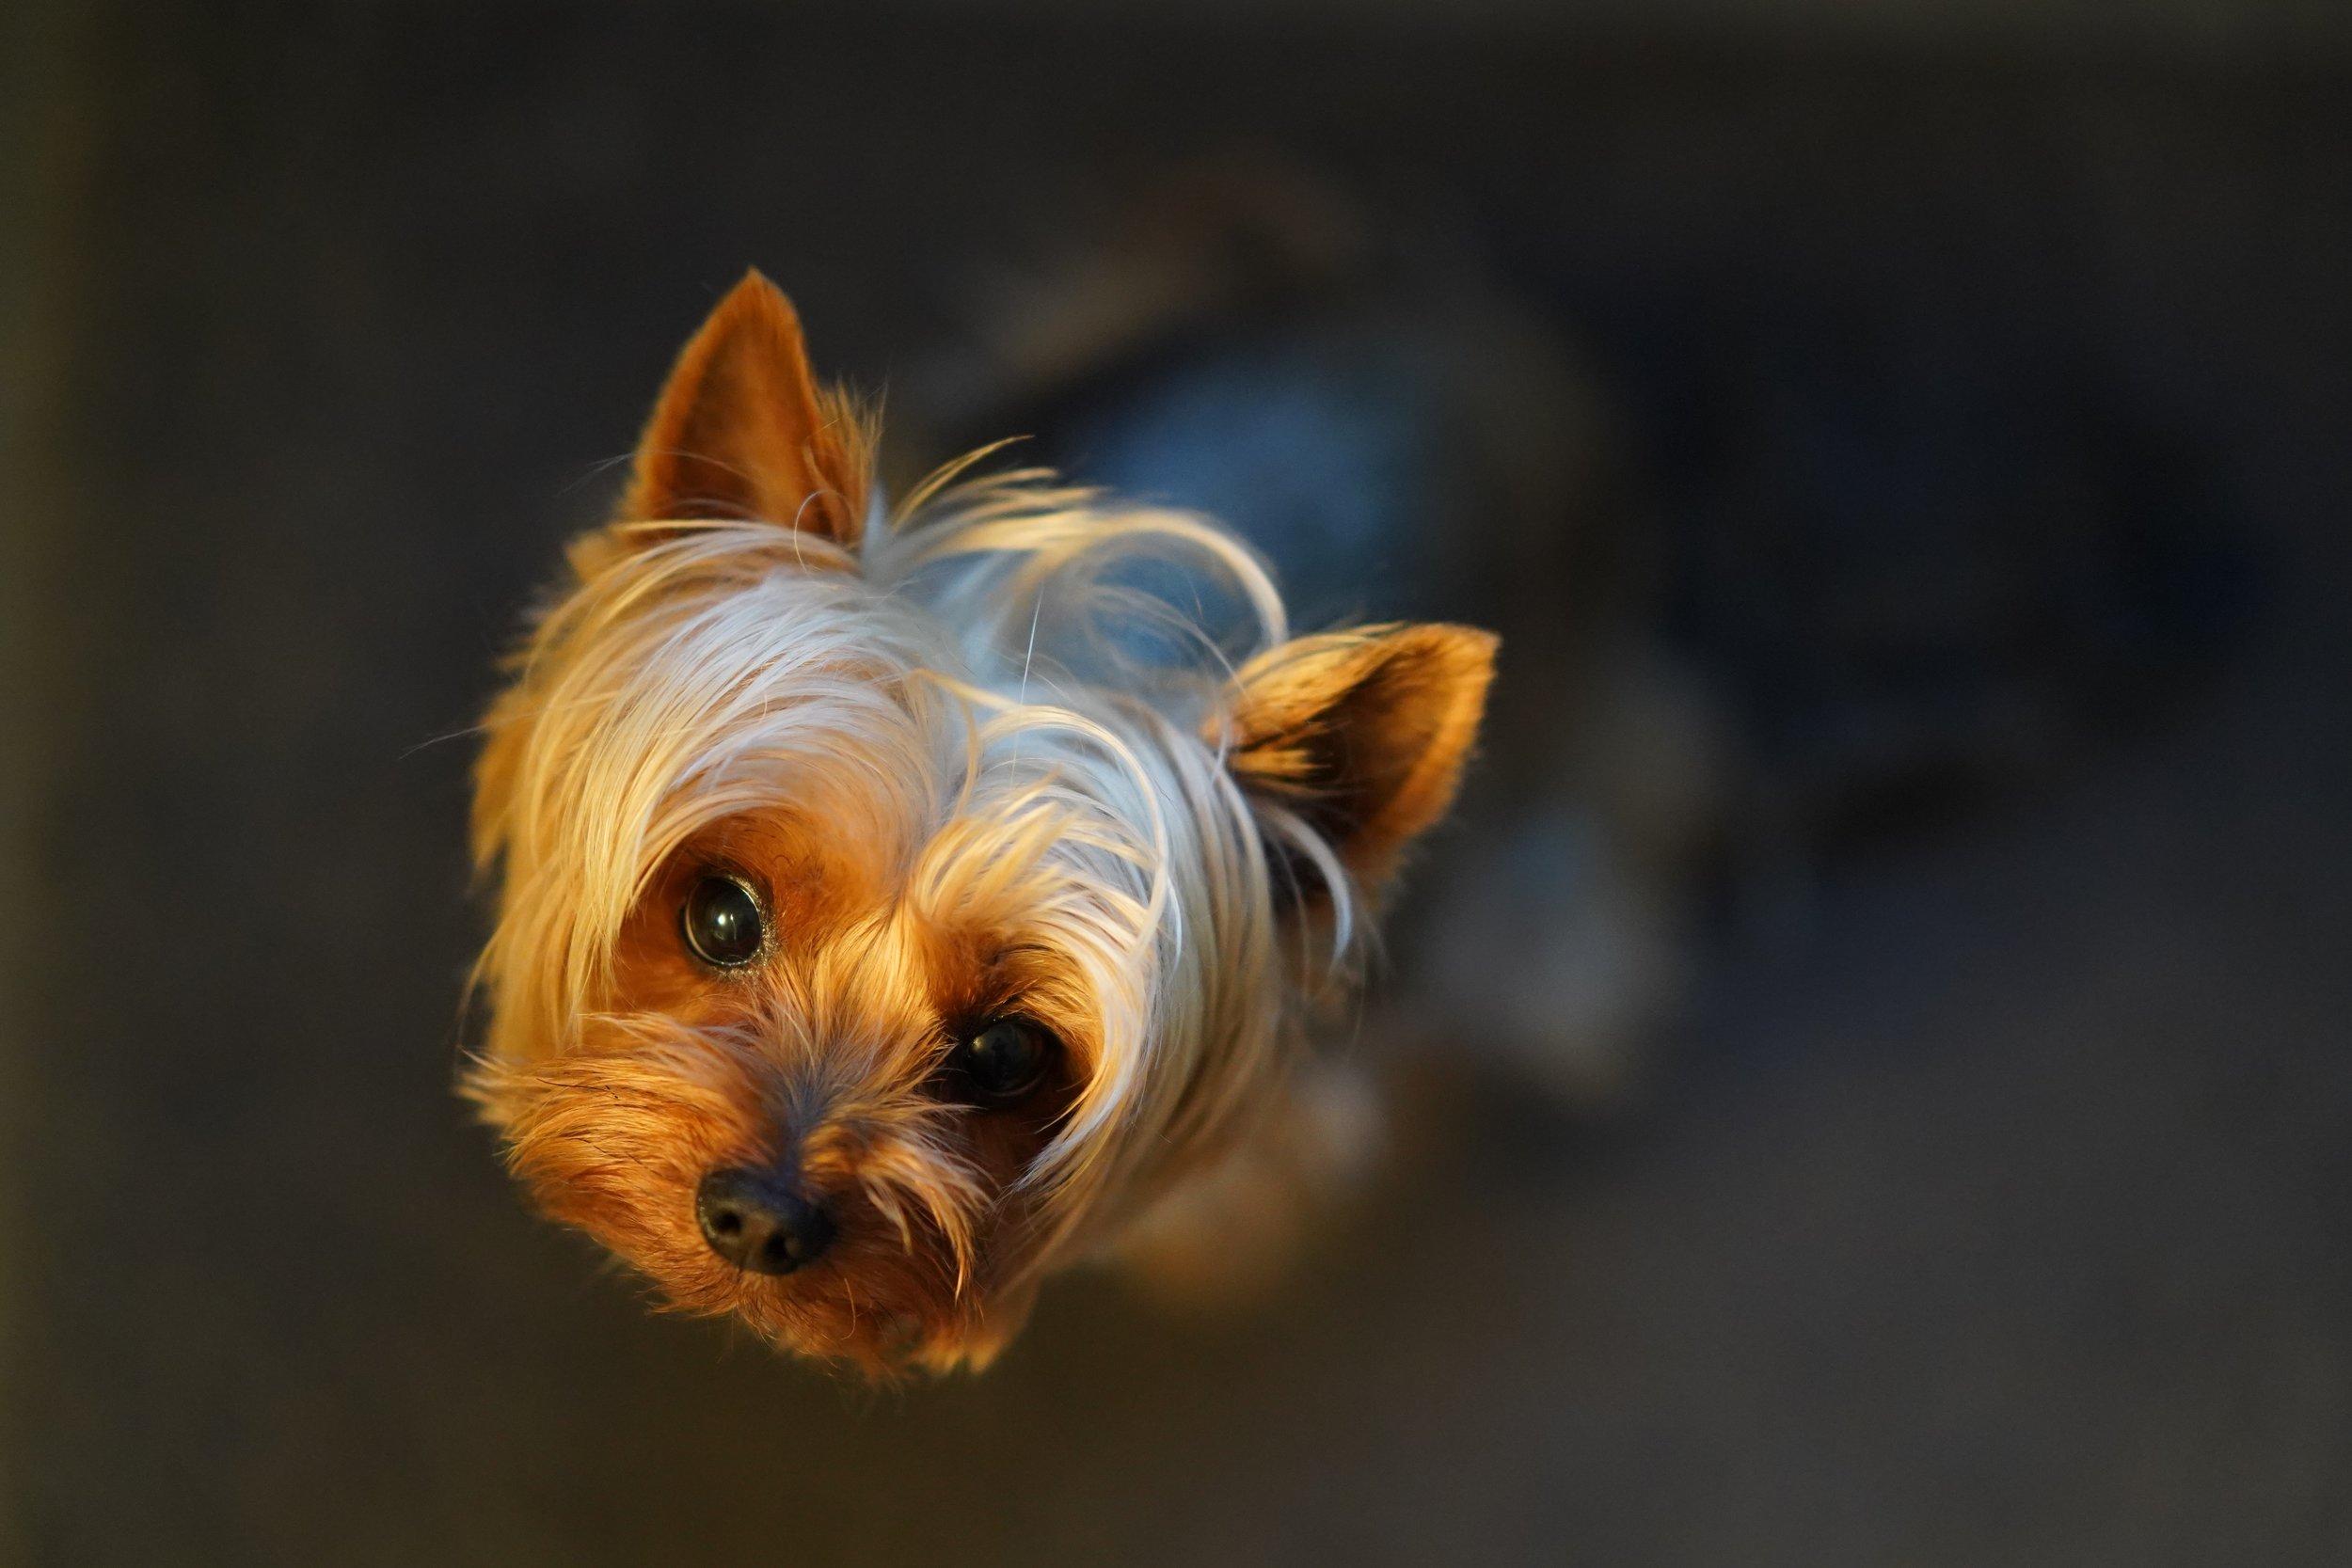 yorkie #puppyselfie